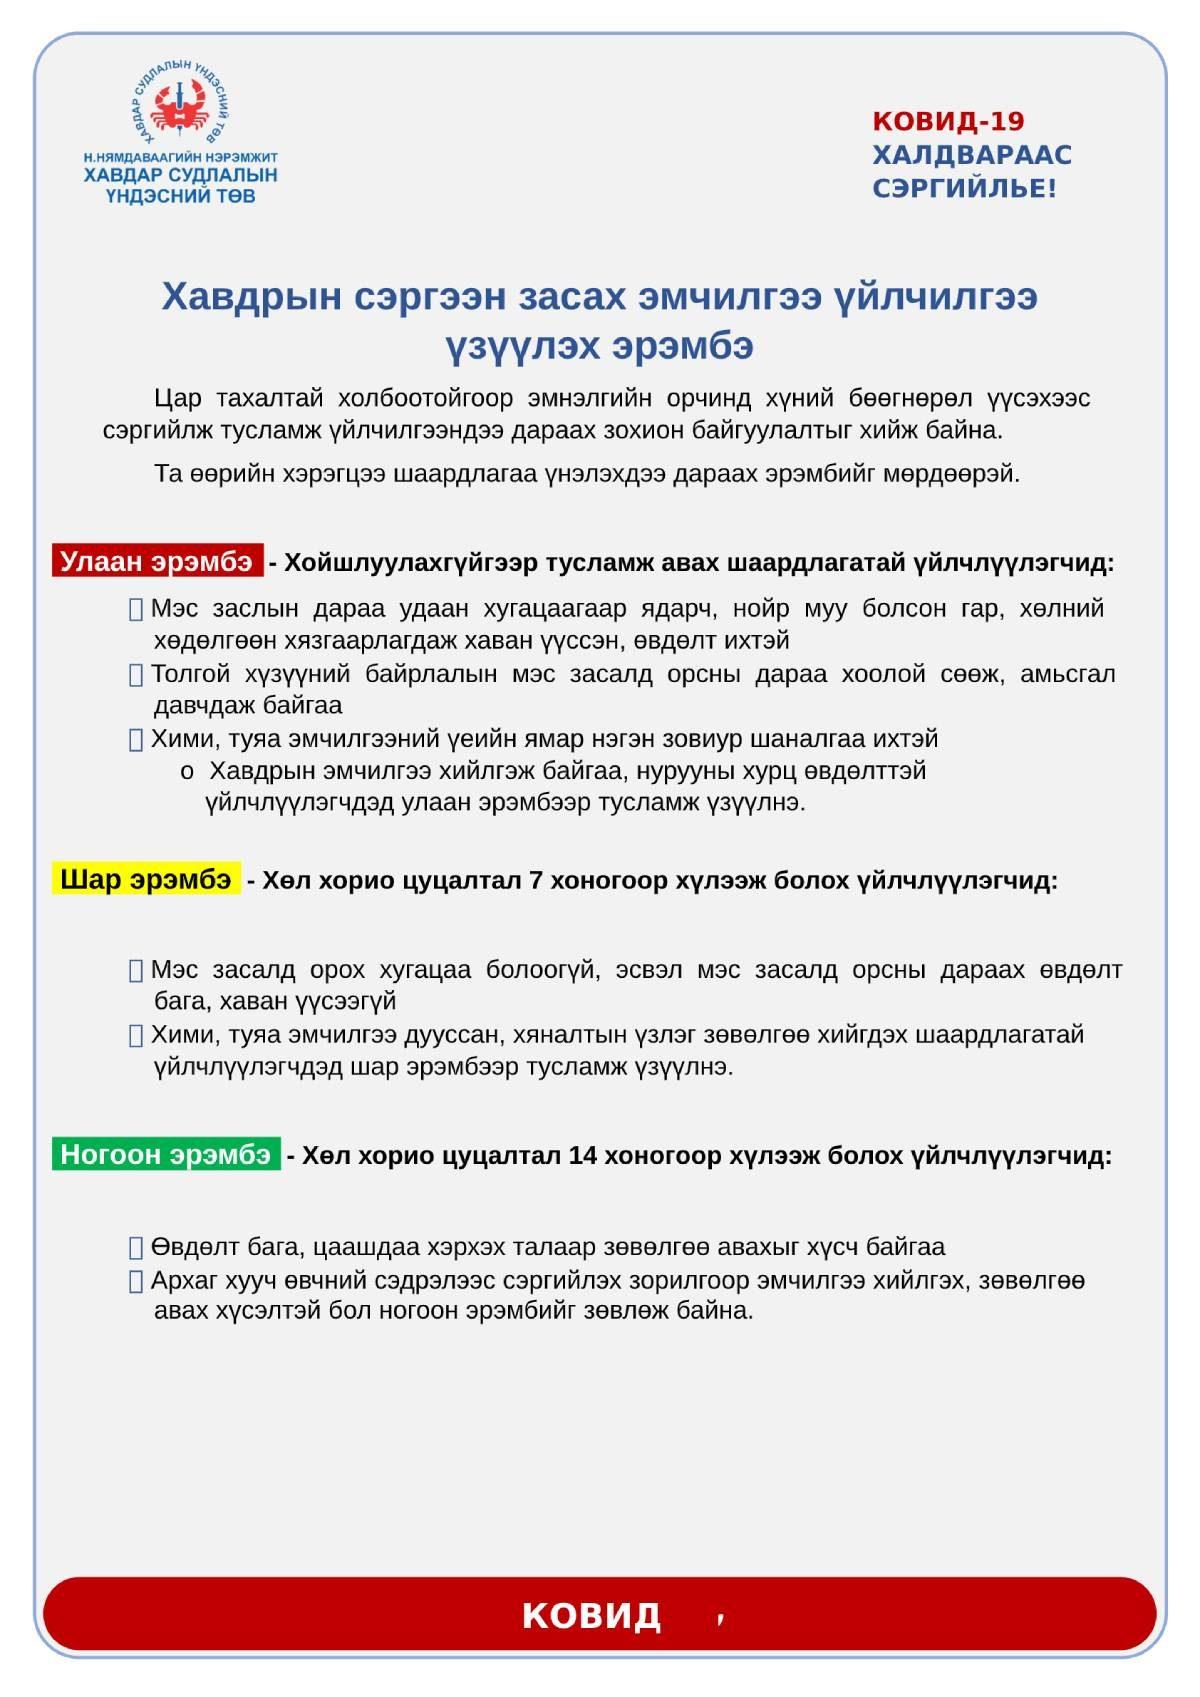 erembe1-pdf-1200x1697.jpg